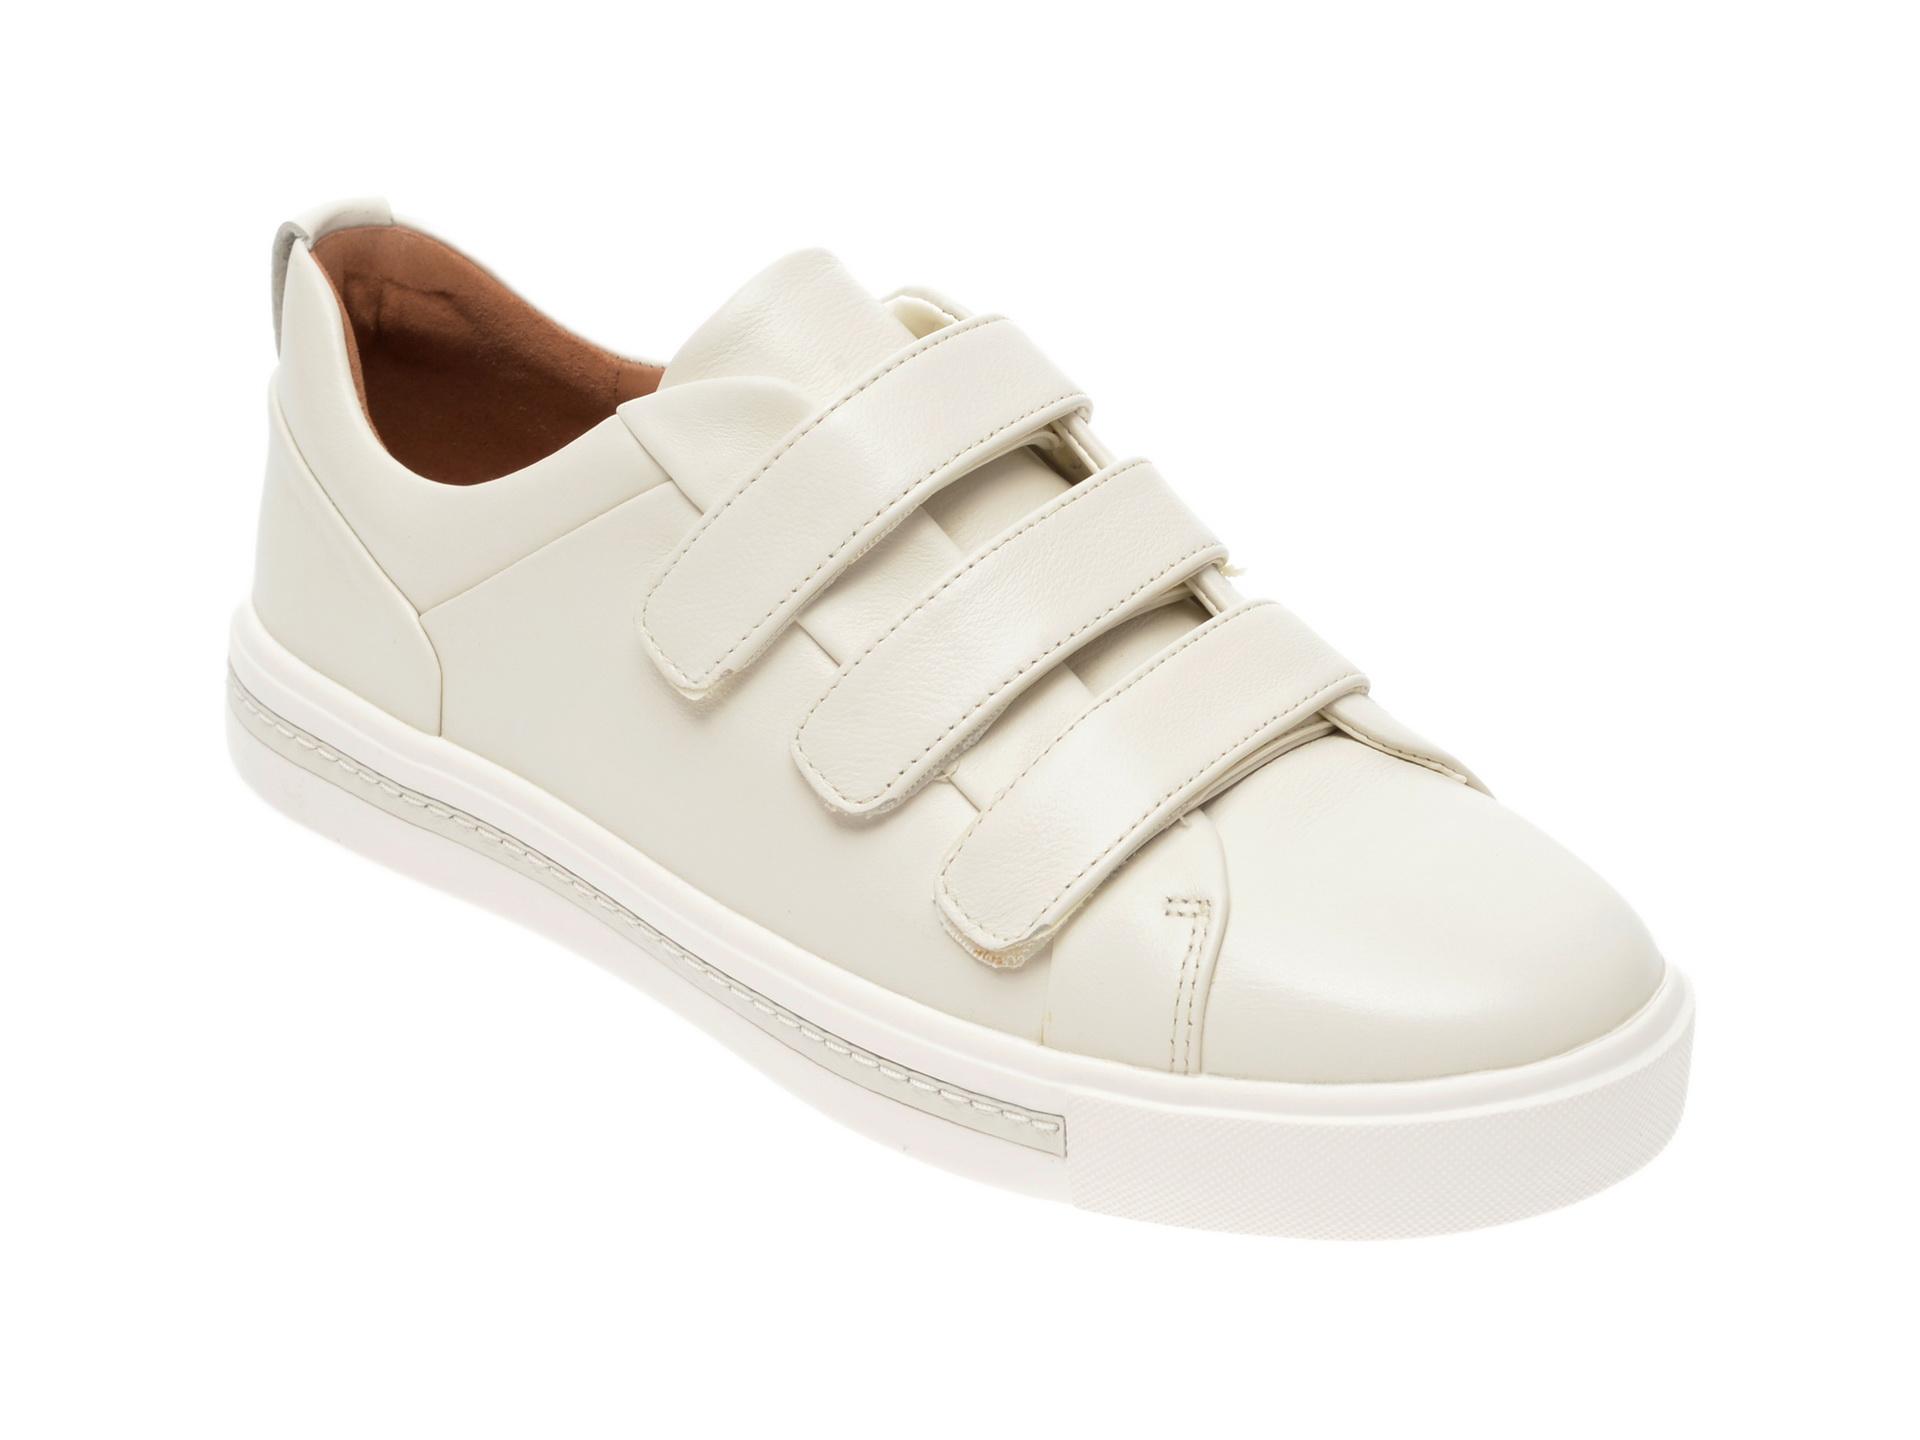 Pantofi CLARKS albi, Un Maui Strap, din piele naturala